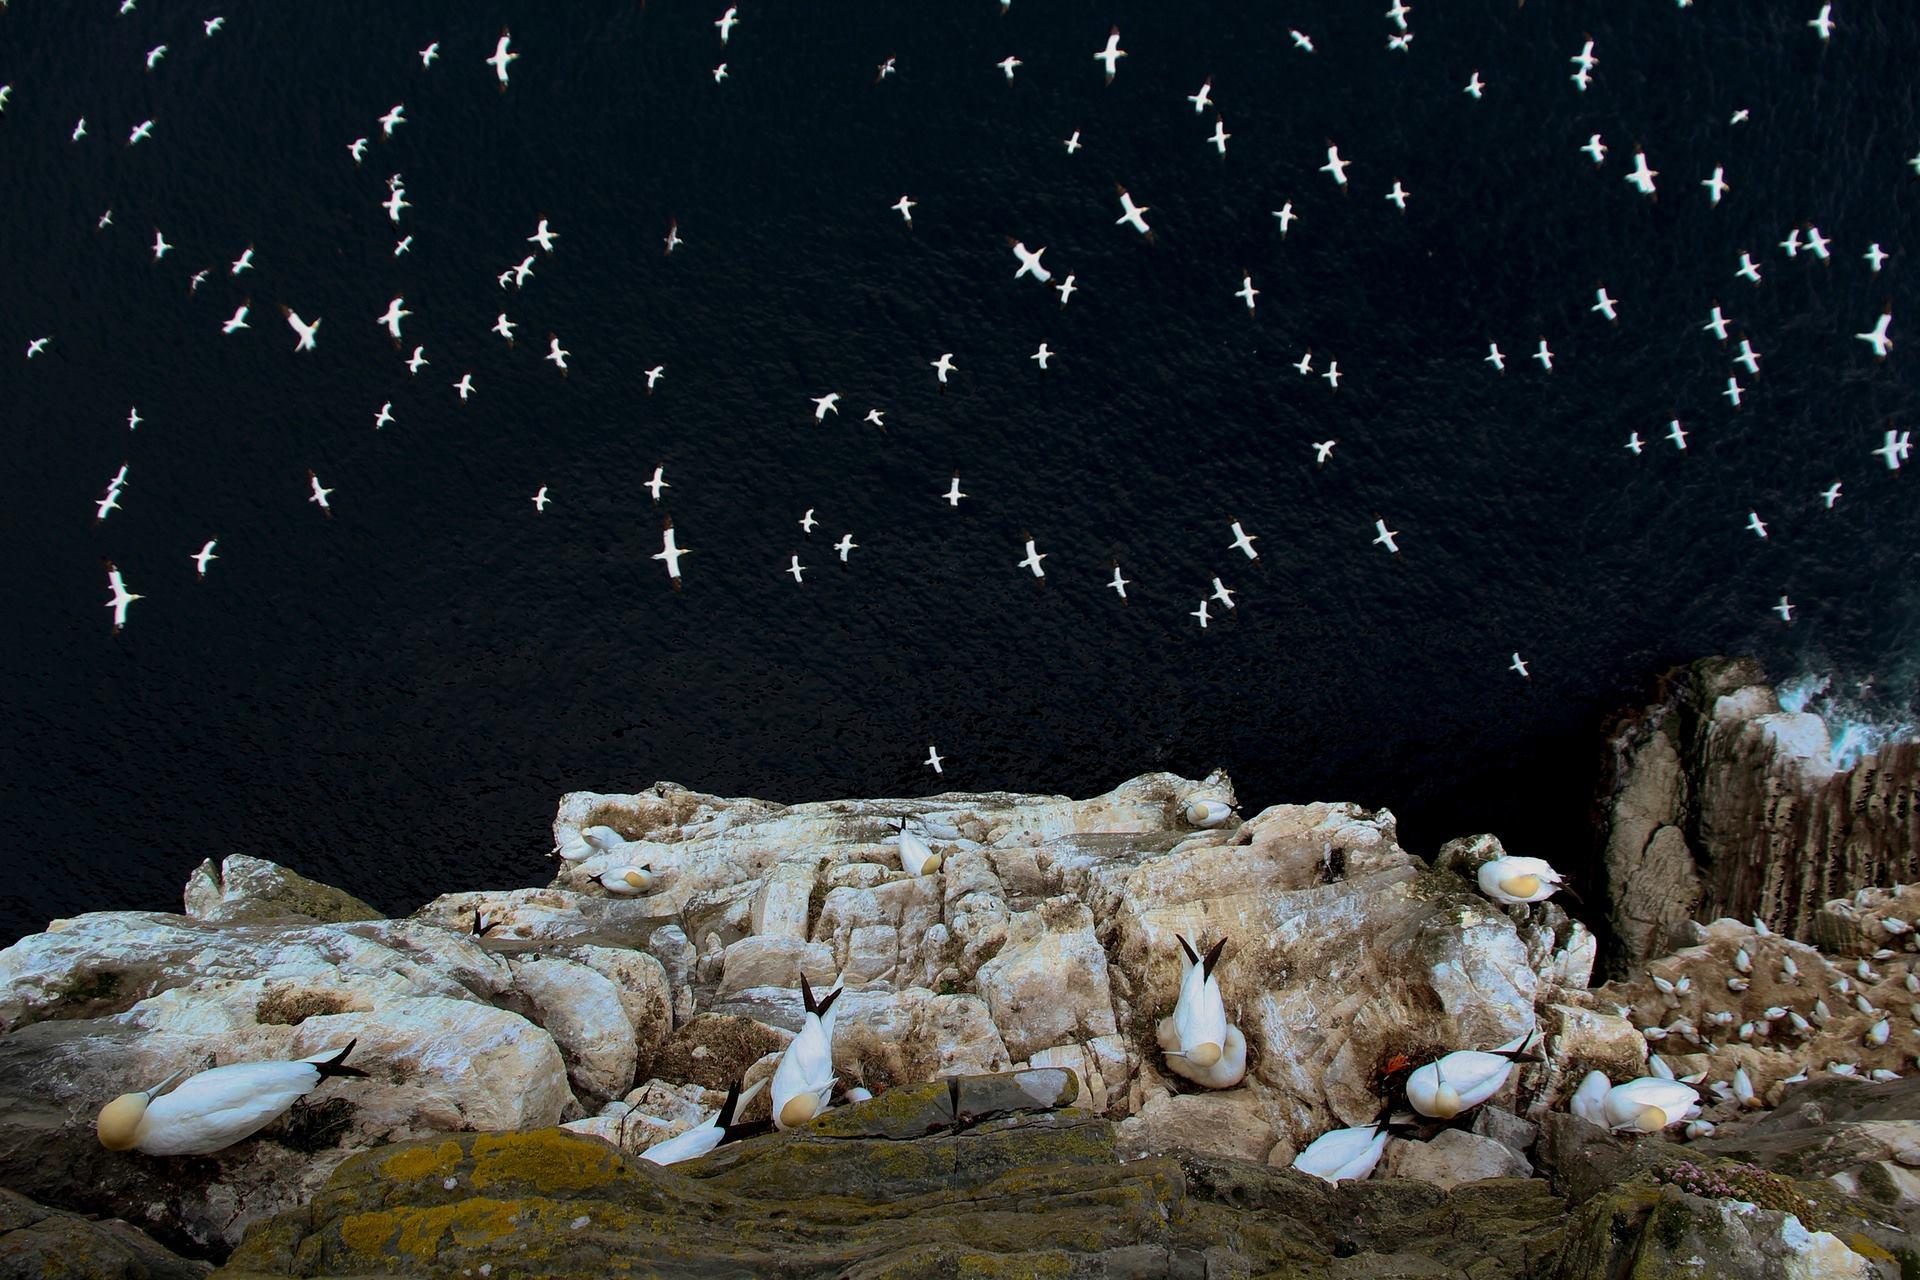 """1° colocada """"No limite"""", por Barrie Williams - Vencedor do Grande Prêmio. Fotografia realizada nas ilhas Shetland, na Escócia"""